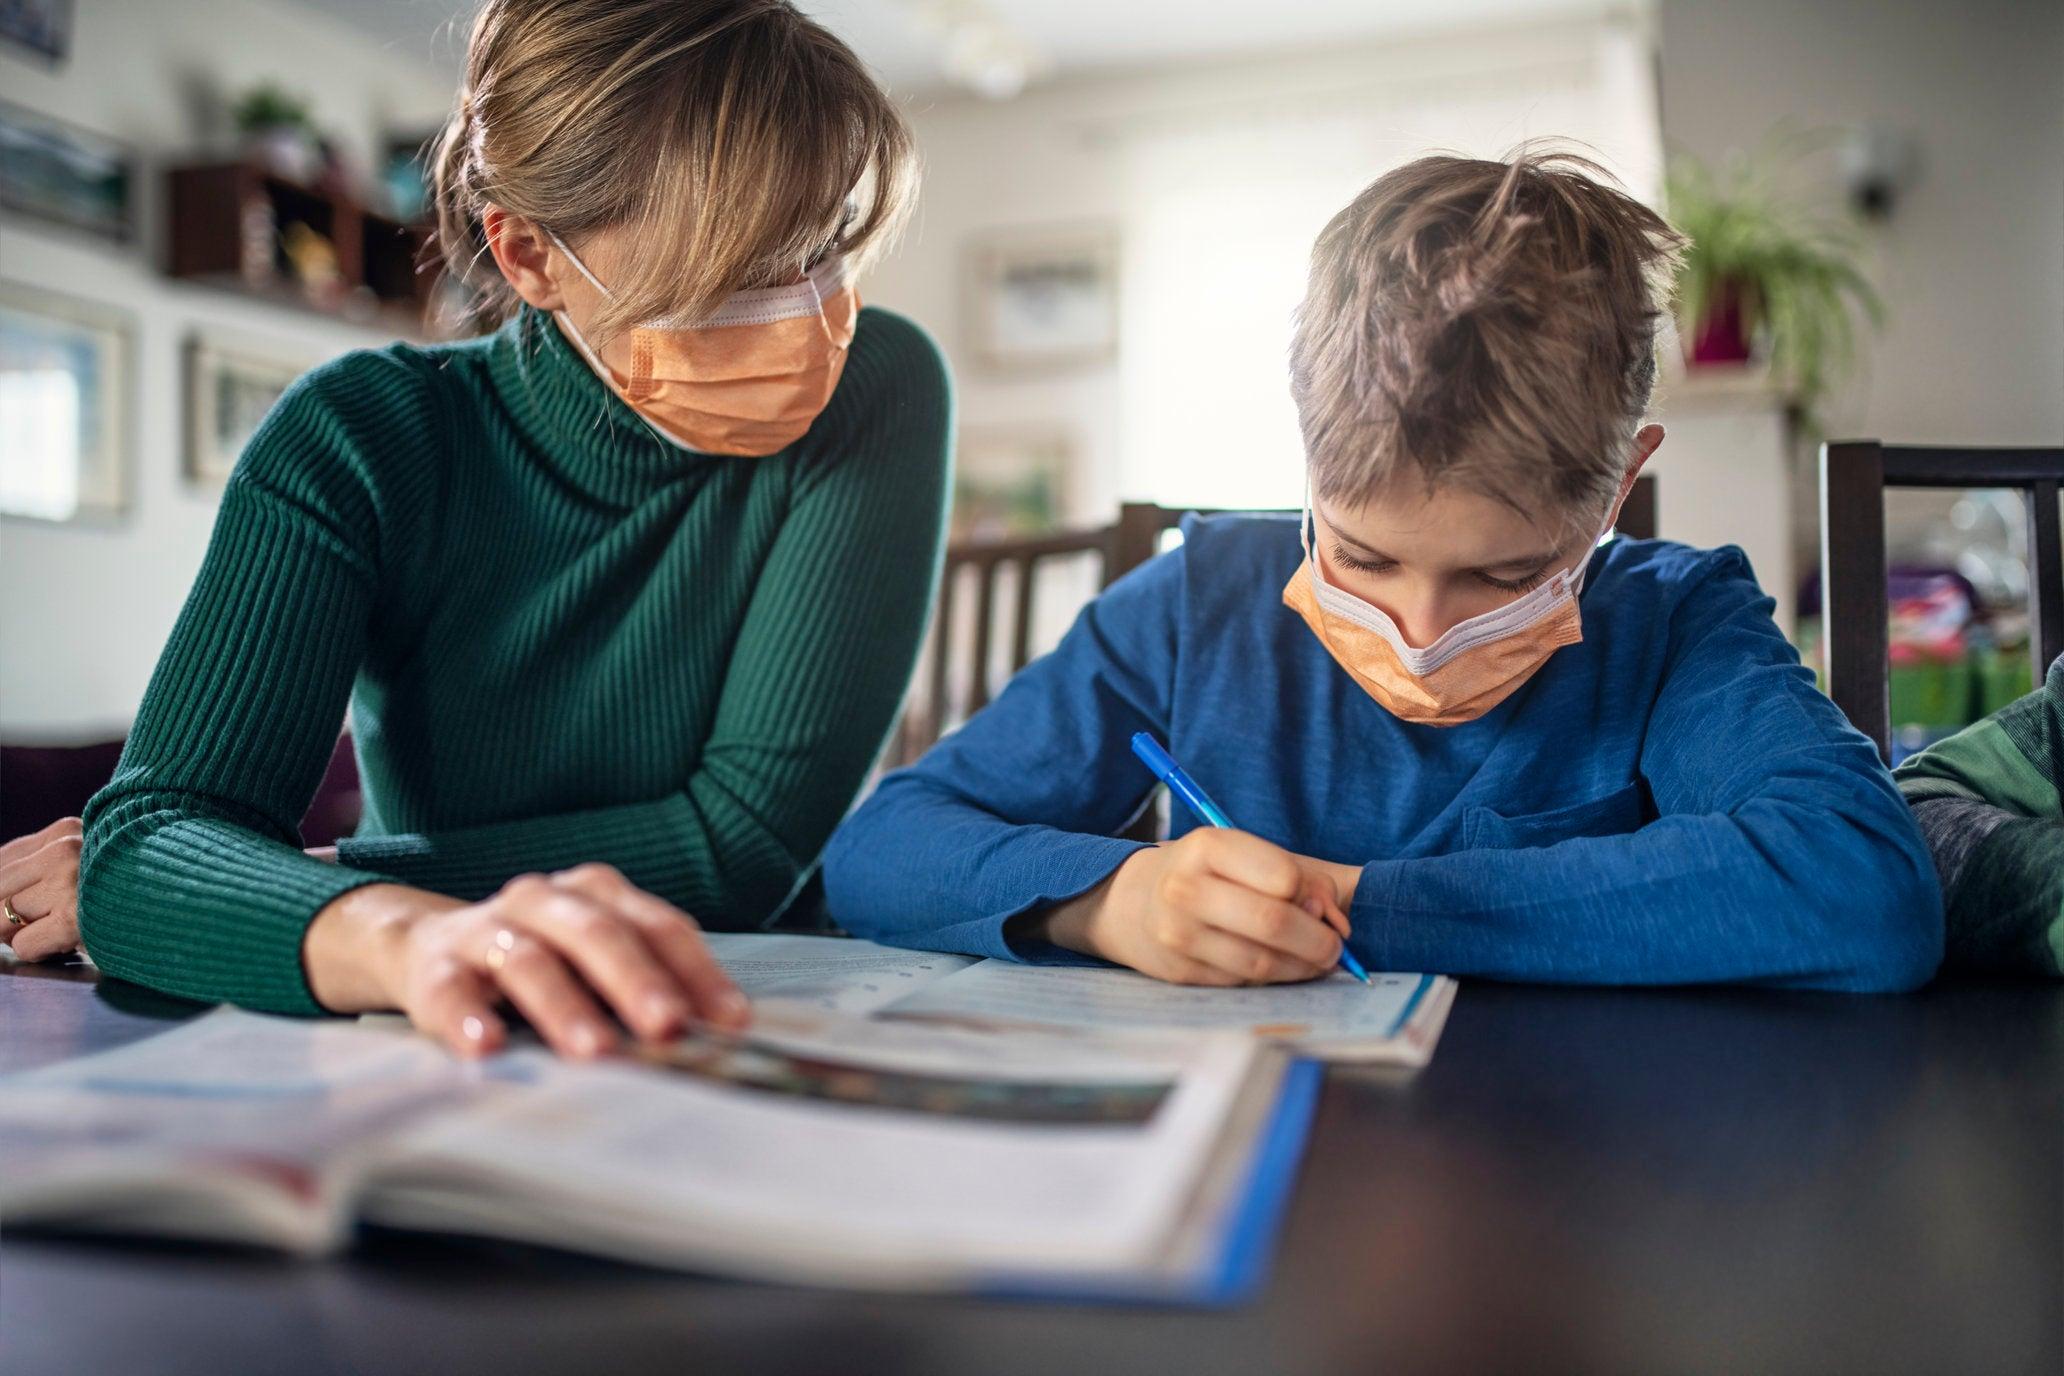 Las escuelas y el coronavirus, tres desafíos urgentes y una transformación necesaria - Enfoque Educación